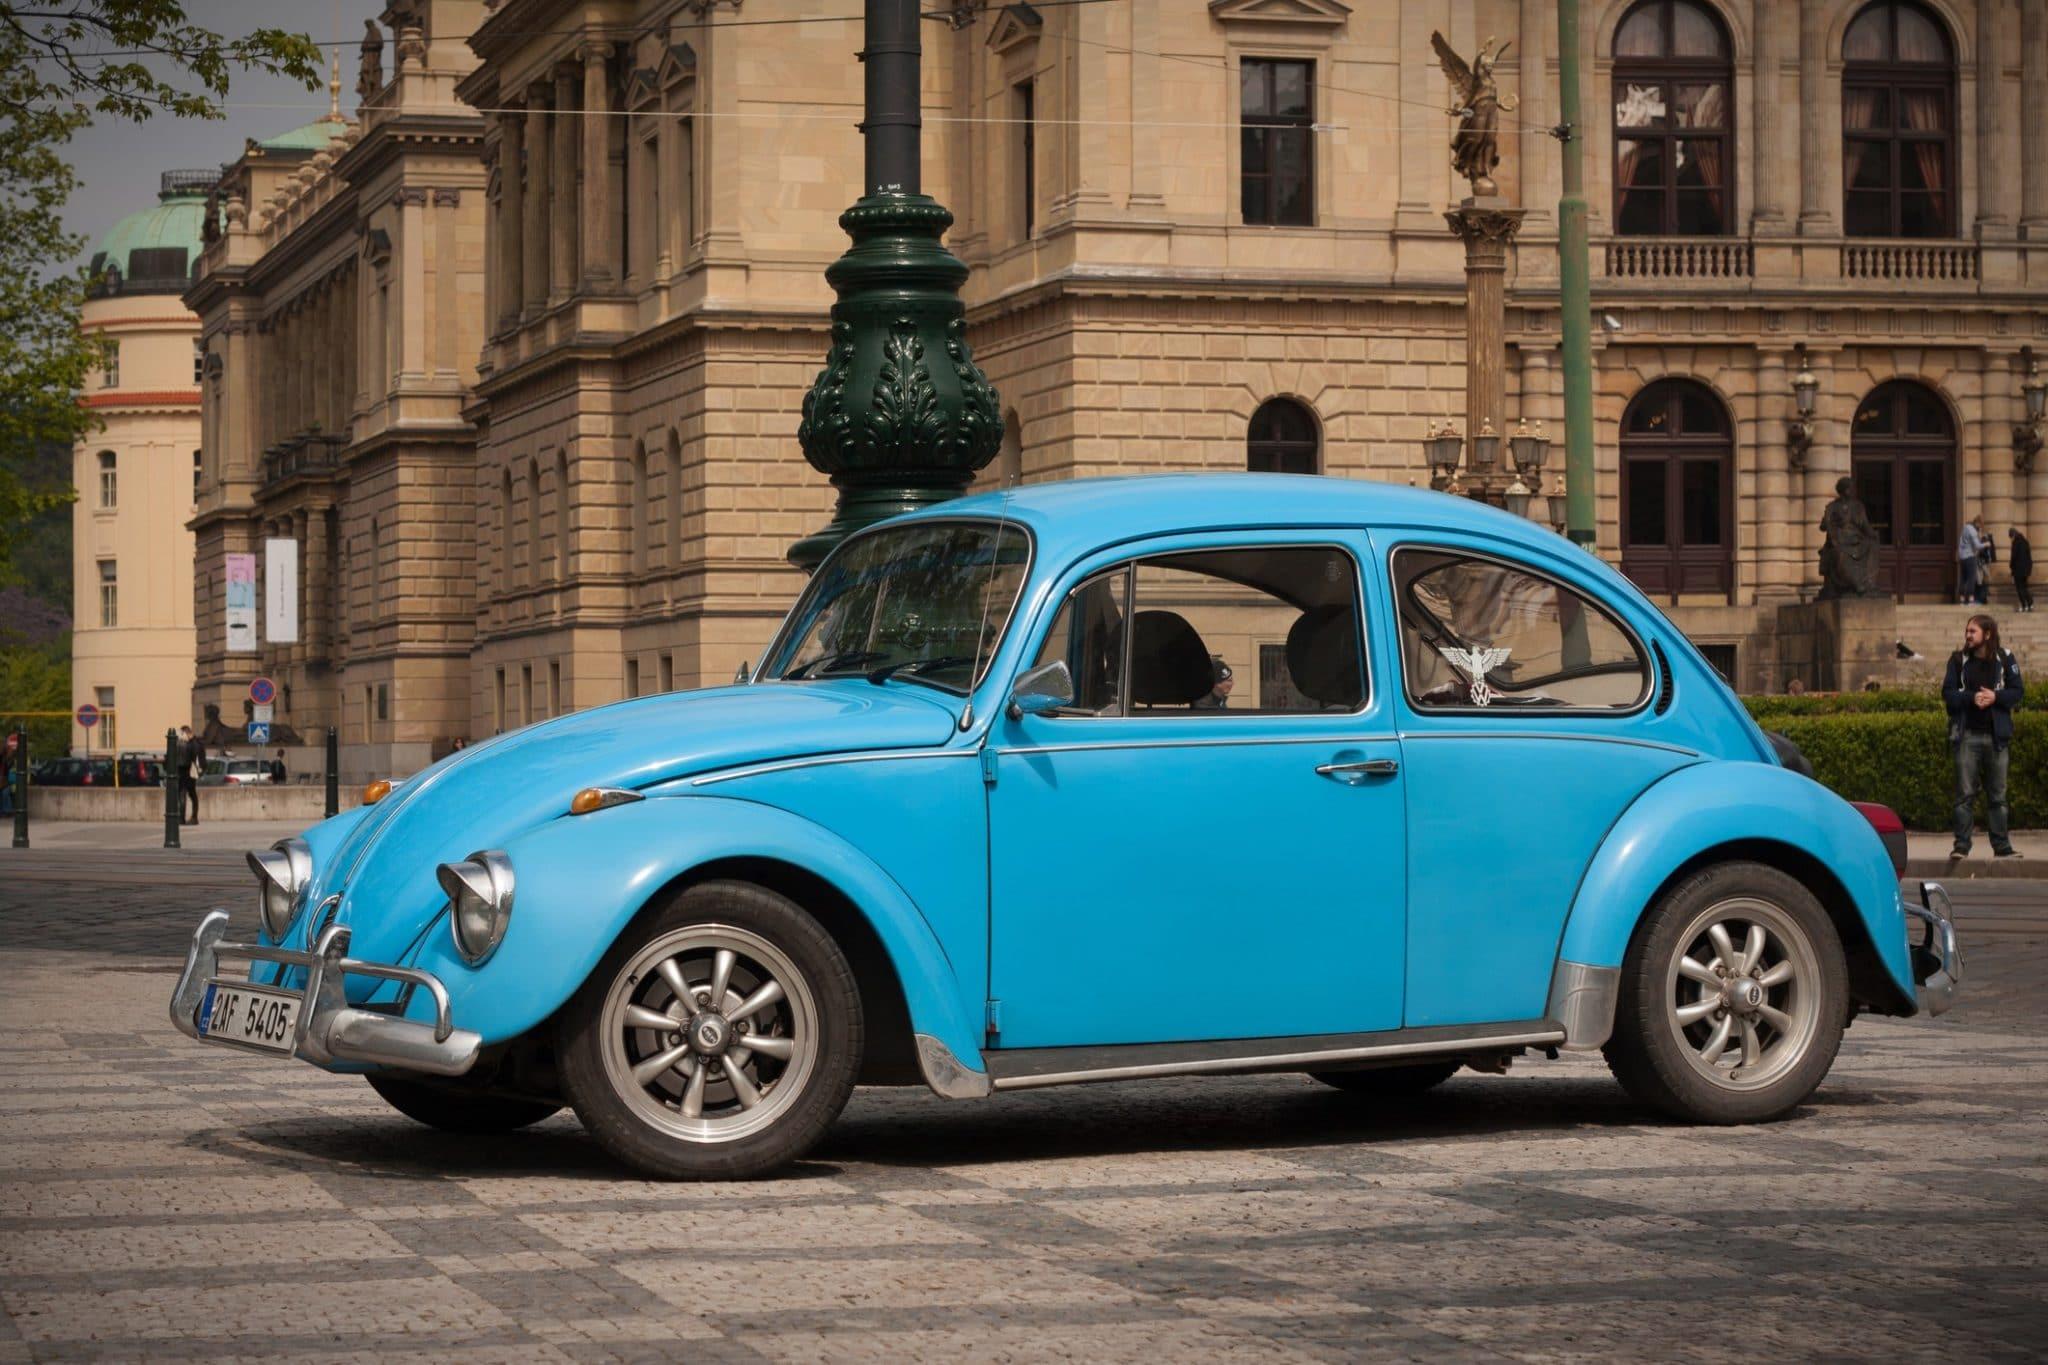 Voitures les plus iconiques de tous les temps - Volkswagen Coccinelle